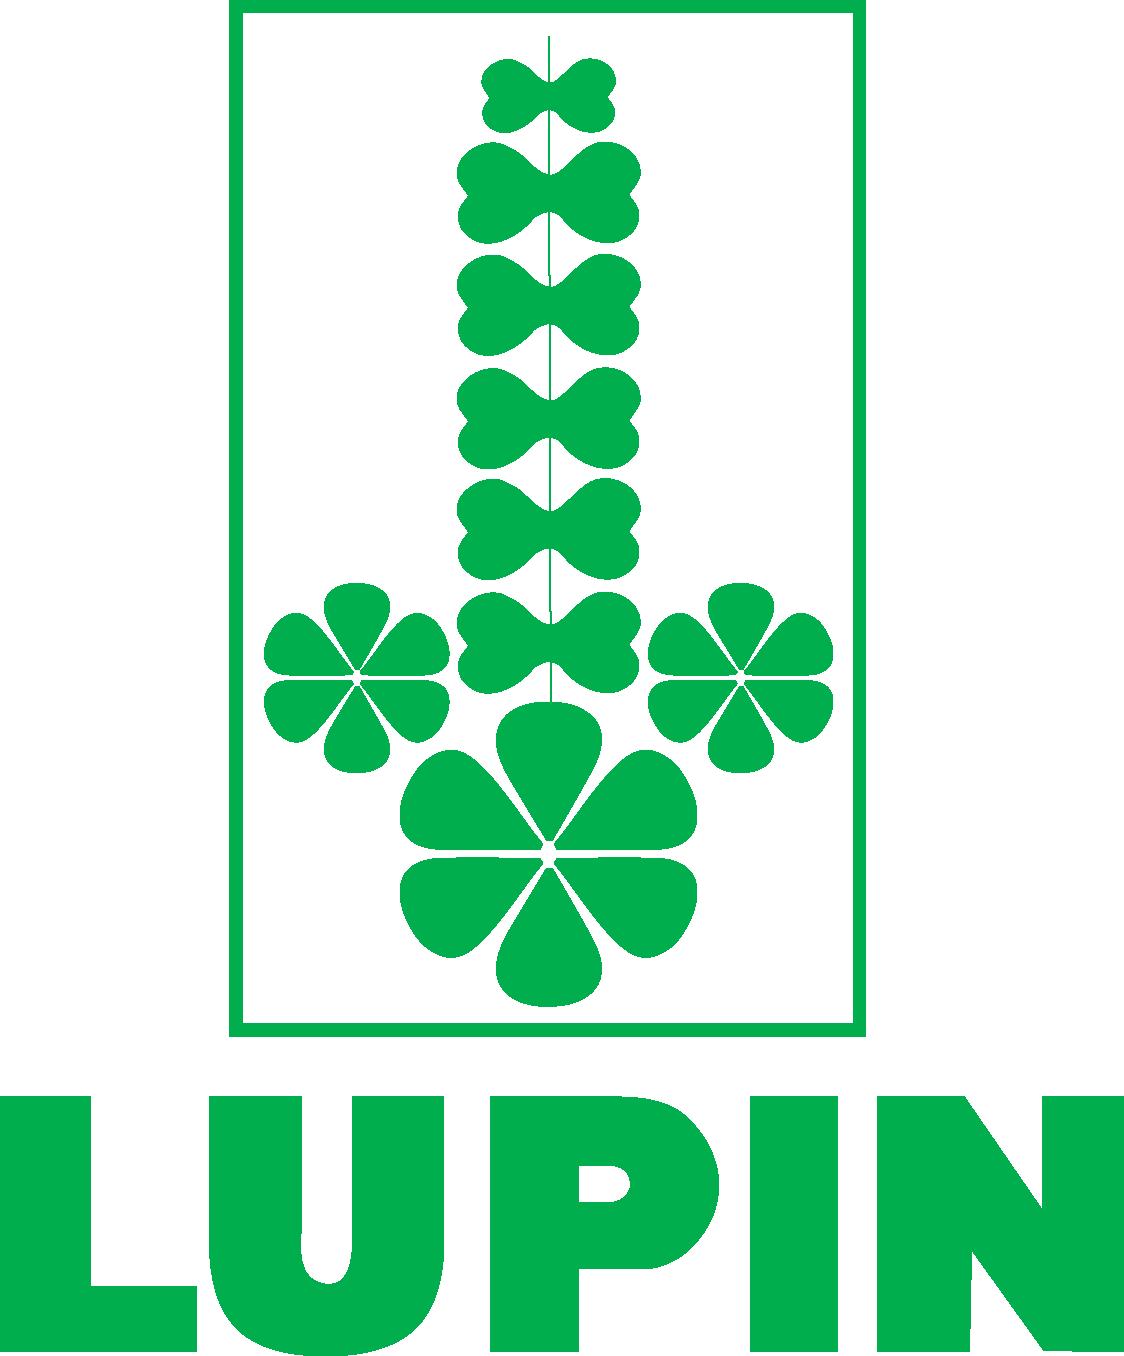 Lupin Logo png